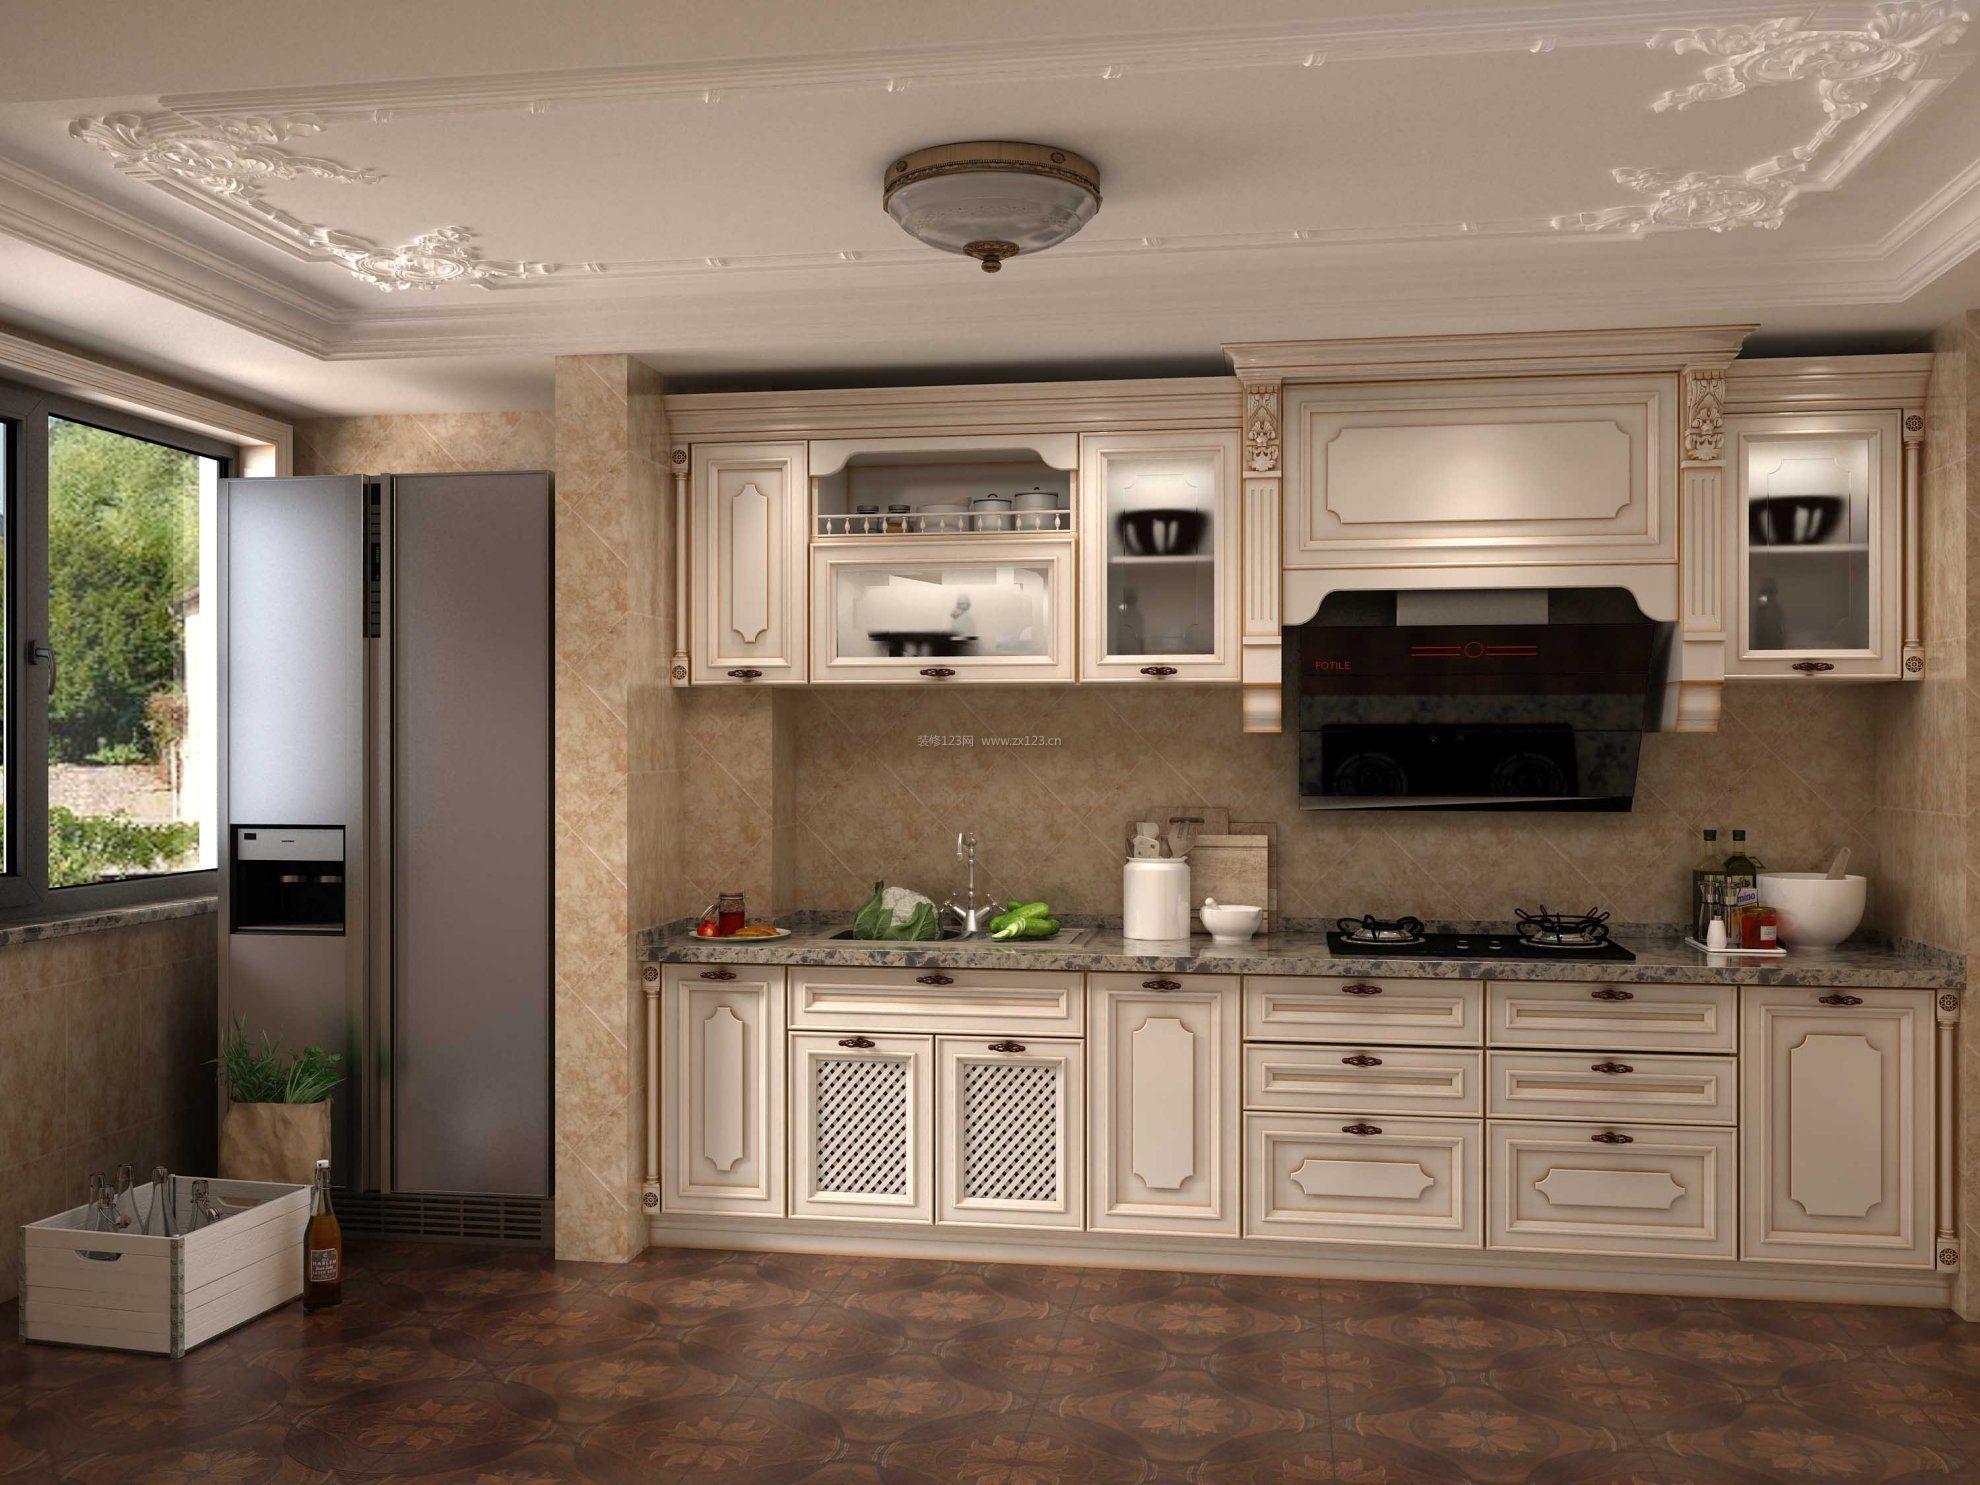 2018法式厨房石膏吊顶设计图图片